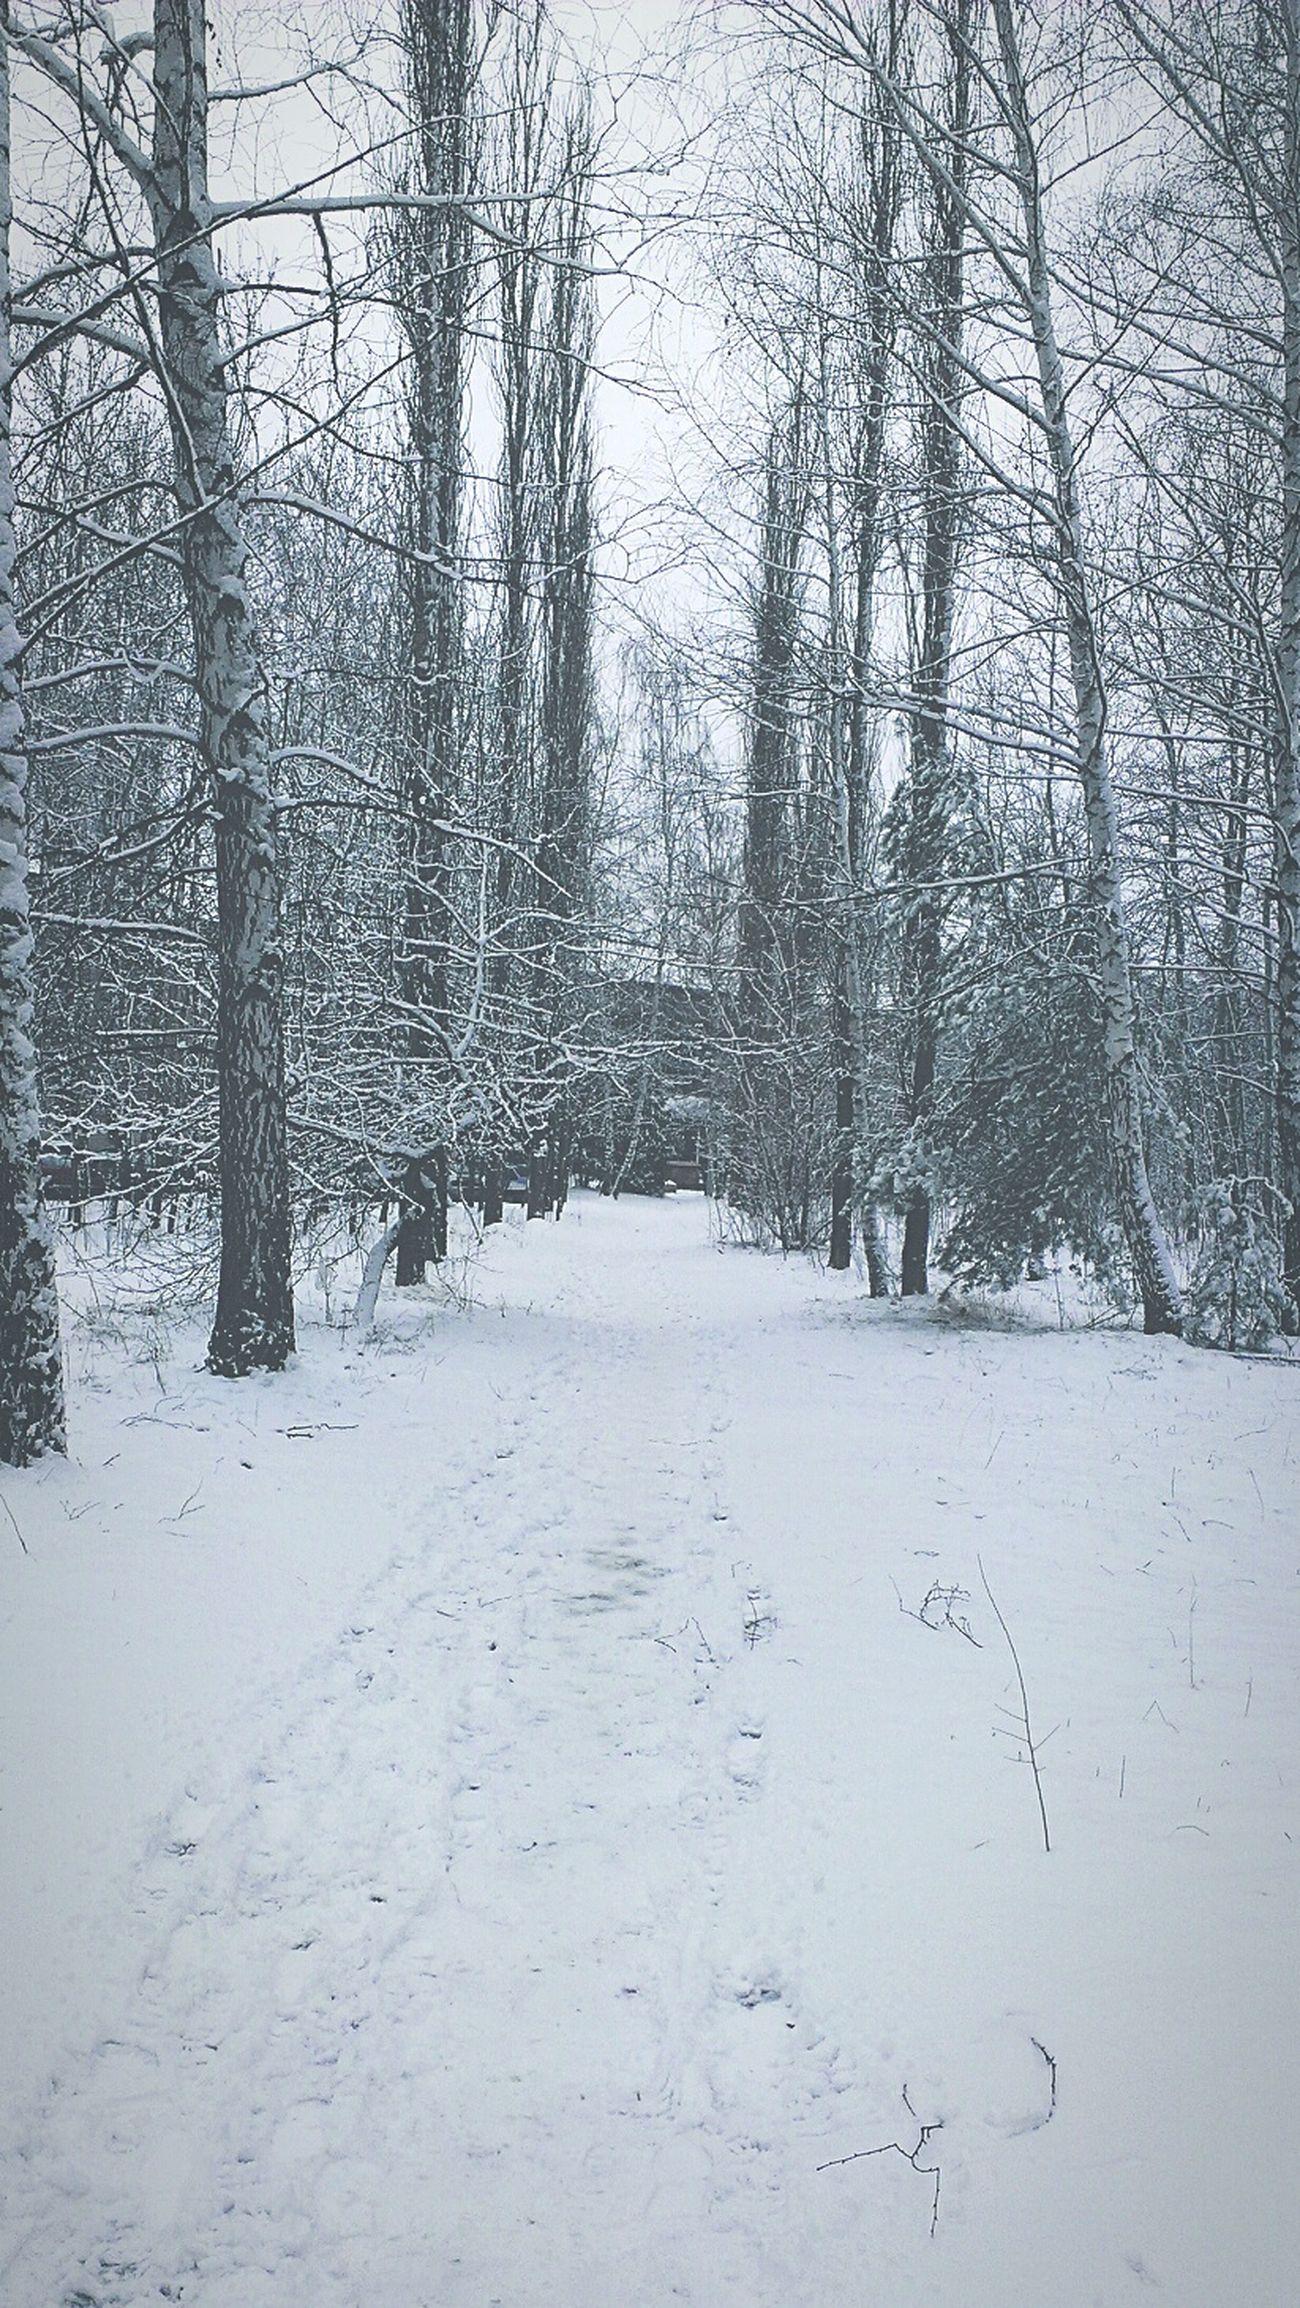 зима. .вспоминаю звук хрустящего снега .. ладошками ловлю я снежинки .. вдыхая холодный воздух .. хочу поскорее забыться.. чтобы мысли улетели подальше.. чтобы душа стала чистой, как снег.. чтобы спокойно мне было так же, как спокойно летит белый снег..